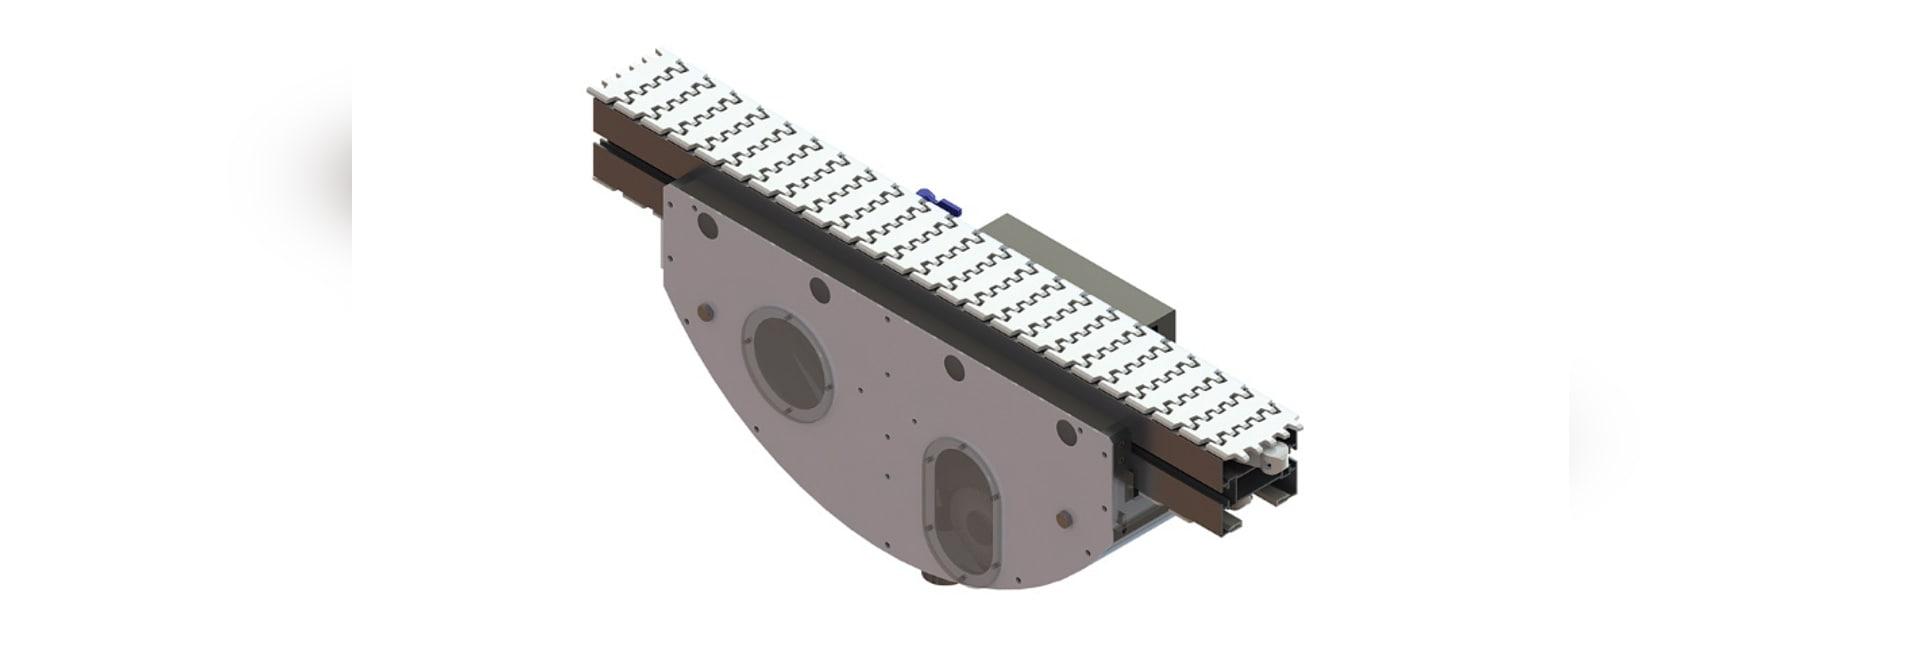 Dorner propose désormais des modules de nettoyage à sec et humide pour le nettoyage en continu sur les convoyeurs FlexMove